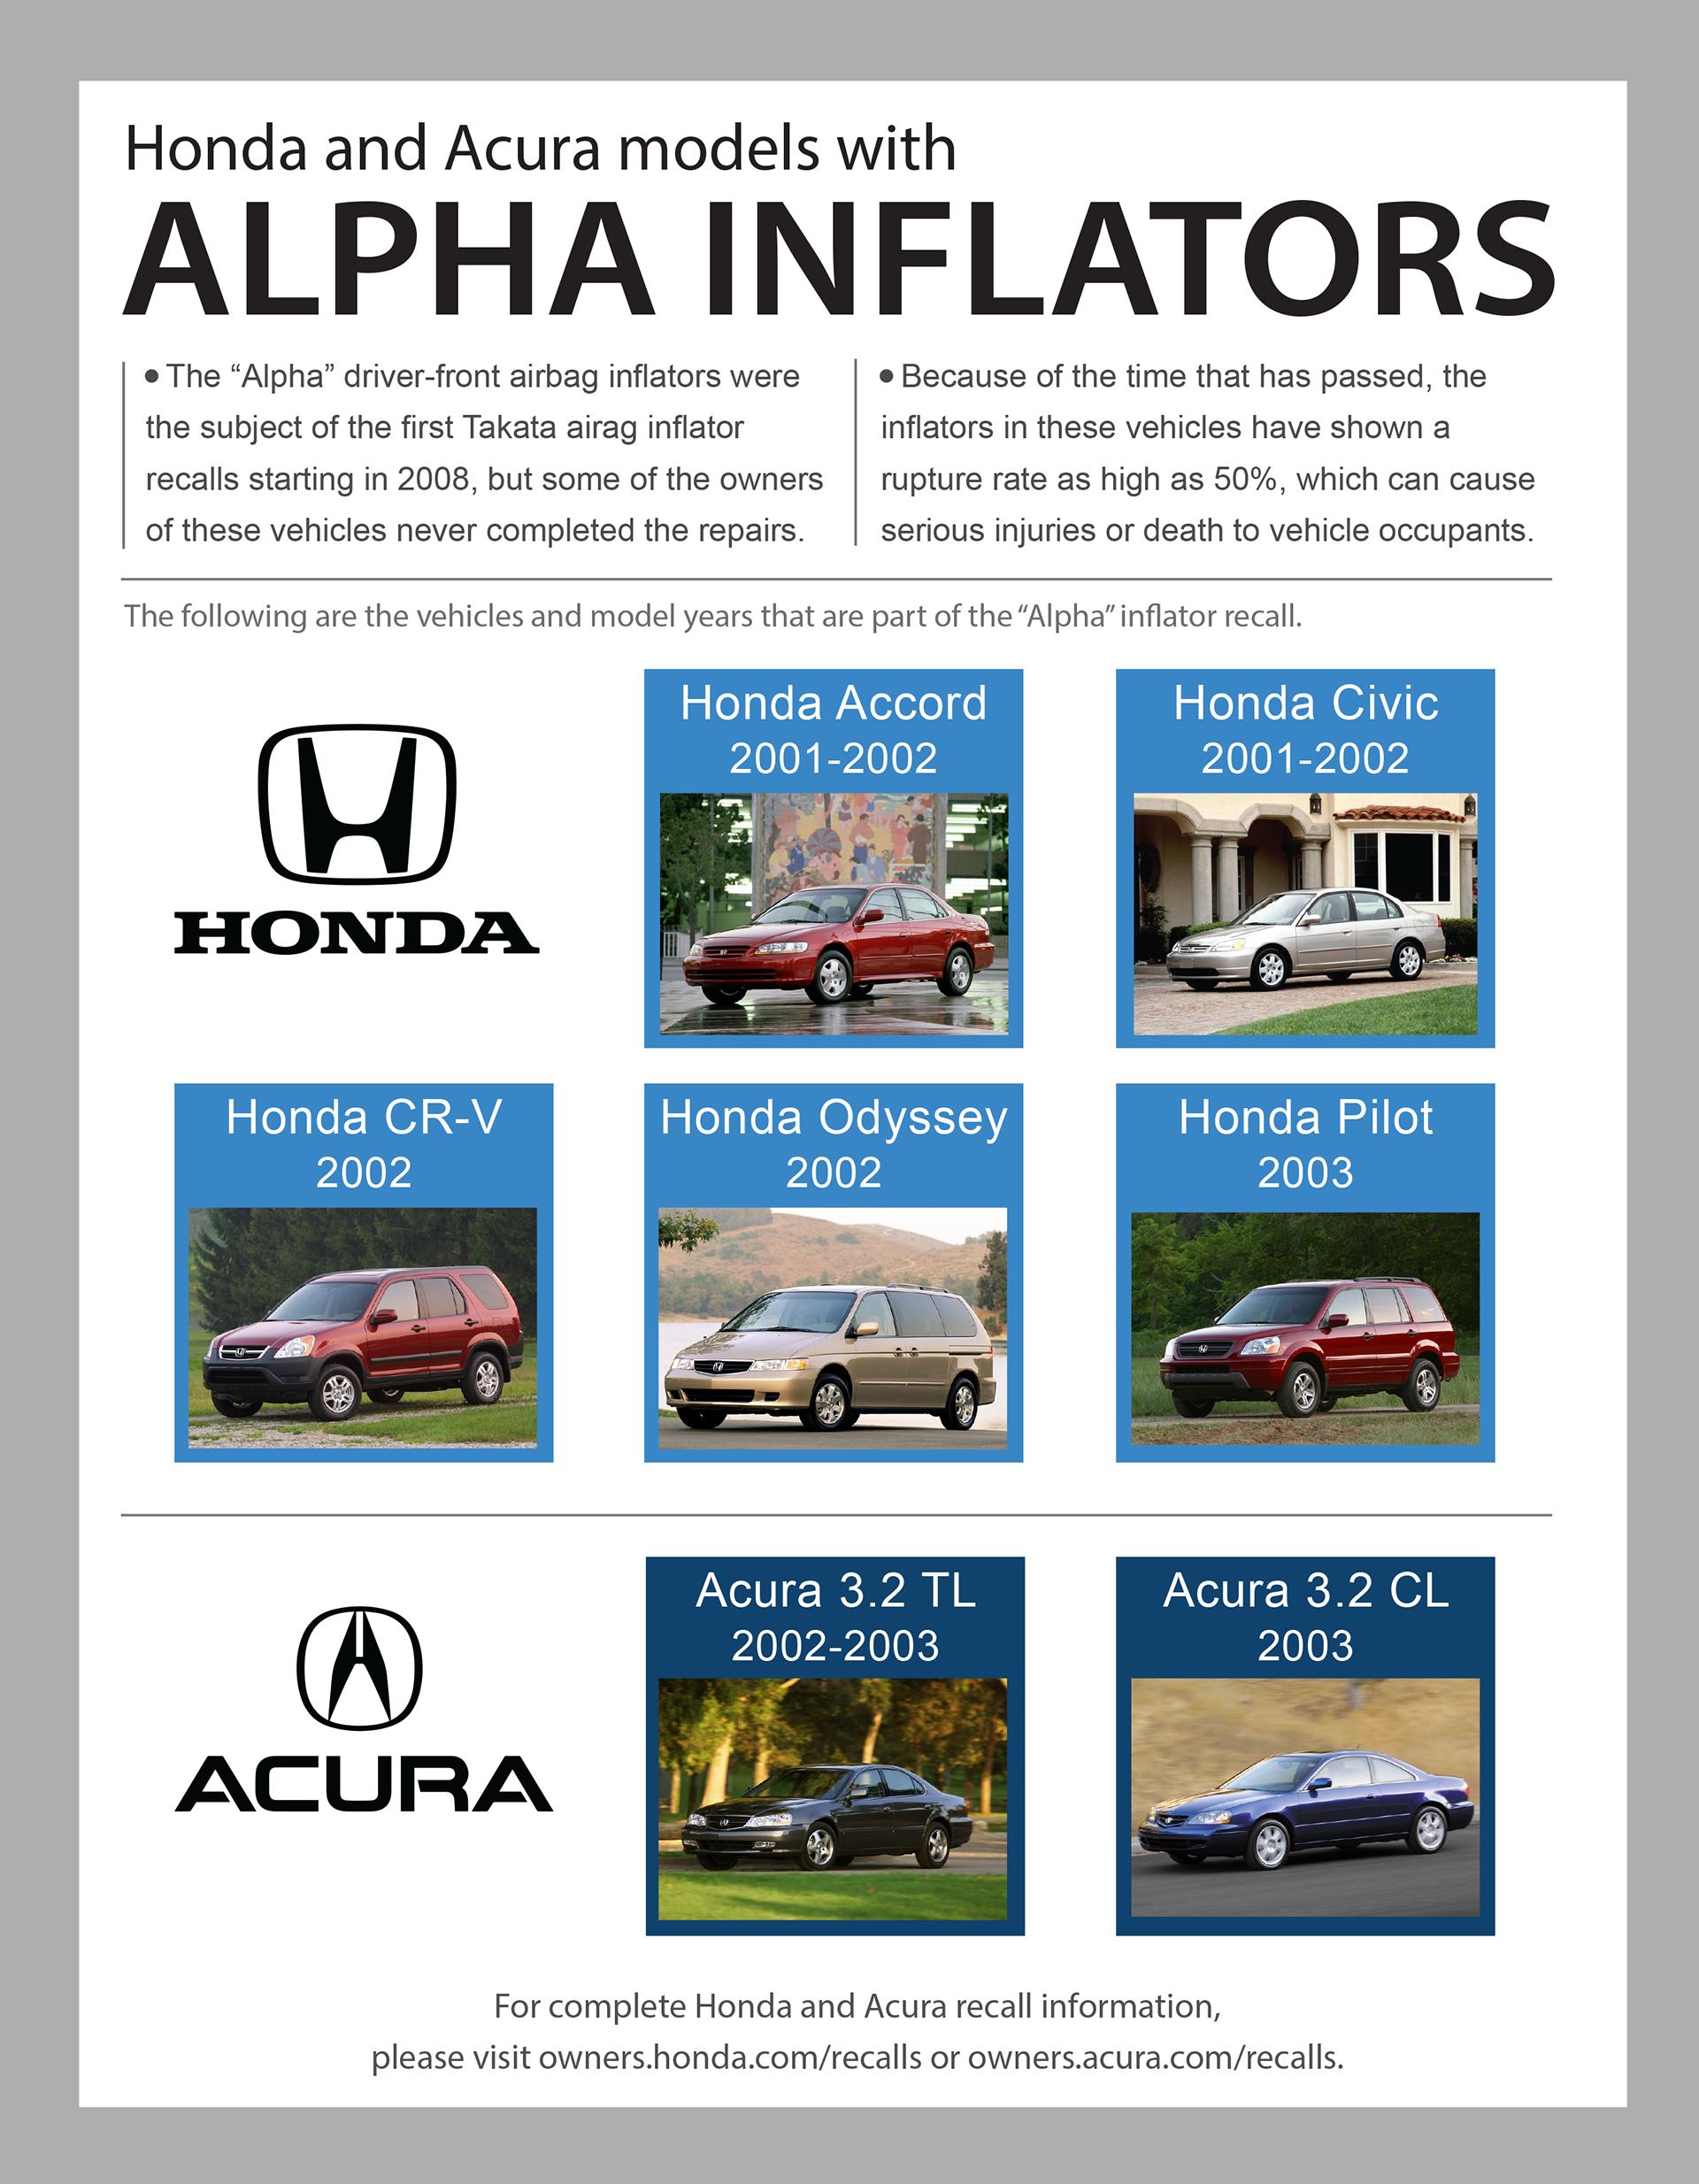 Owners Honda Com >> Zanzakura American Honda Motor Co Inc